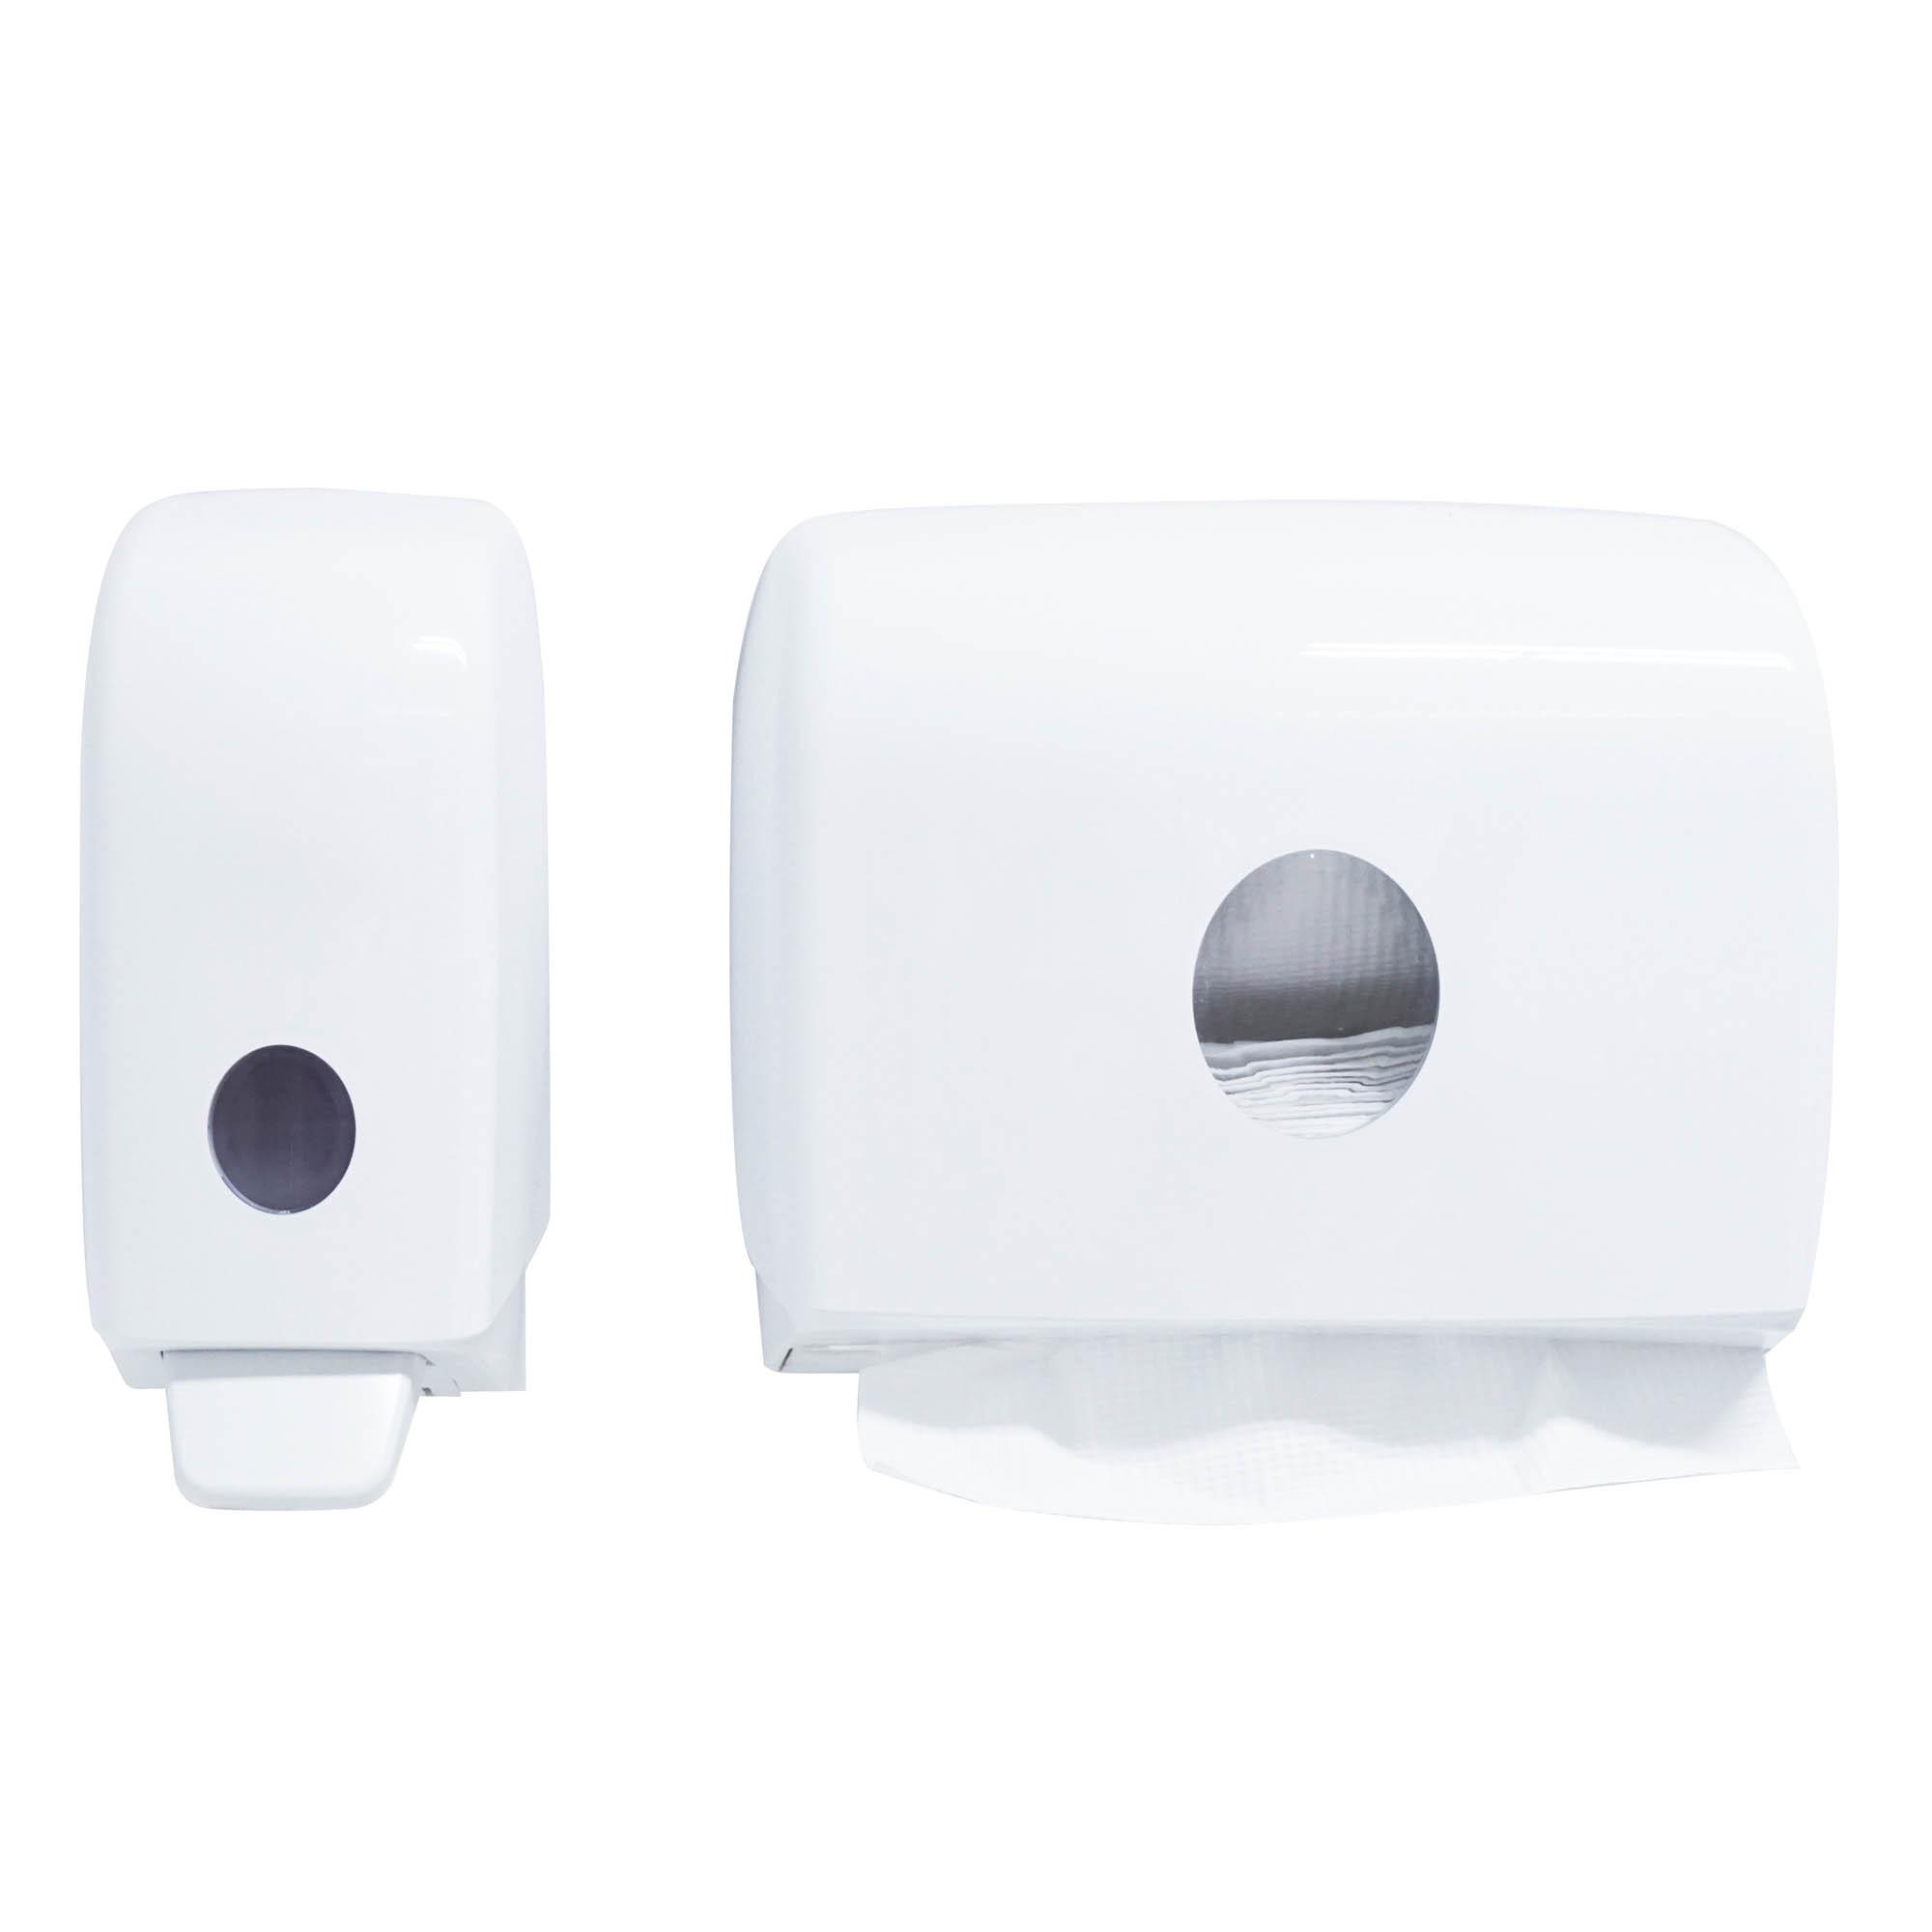 secador-de-maos-e-papel-toalha